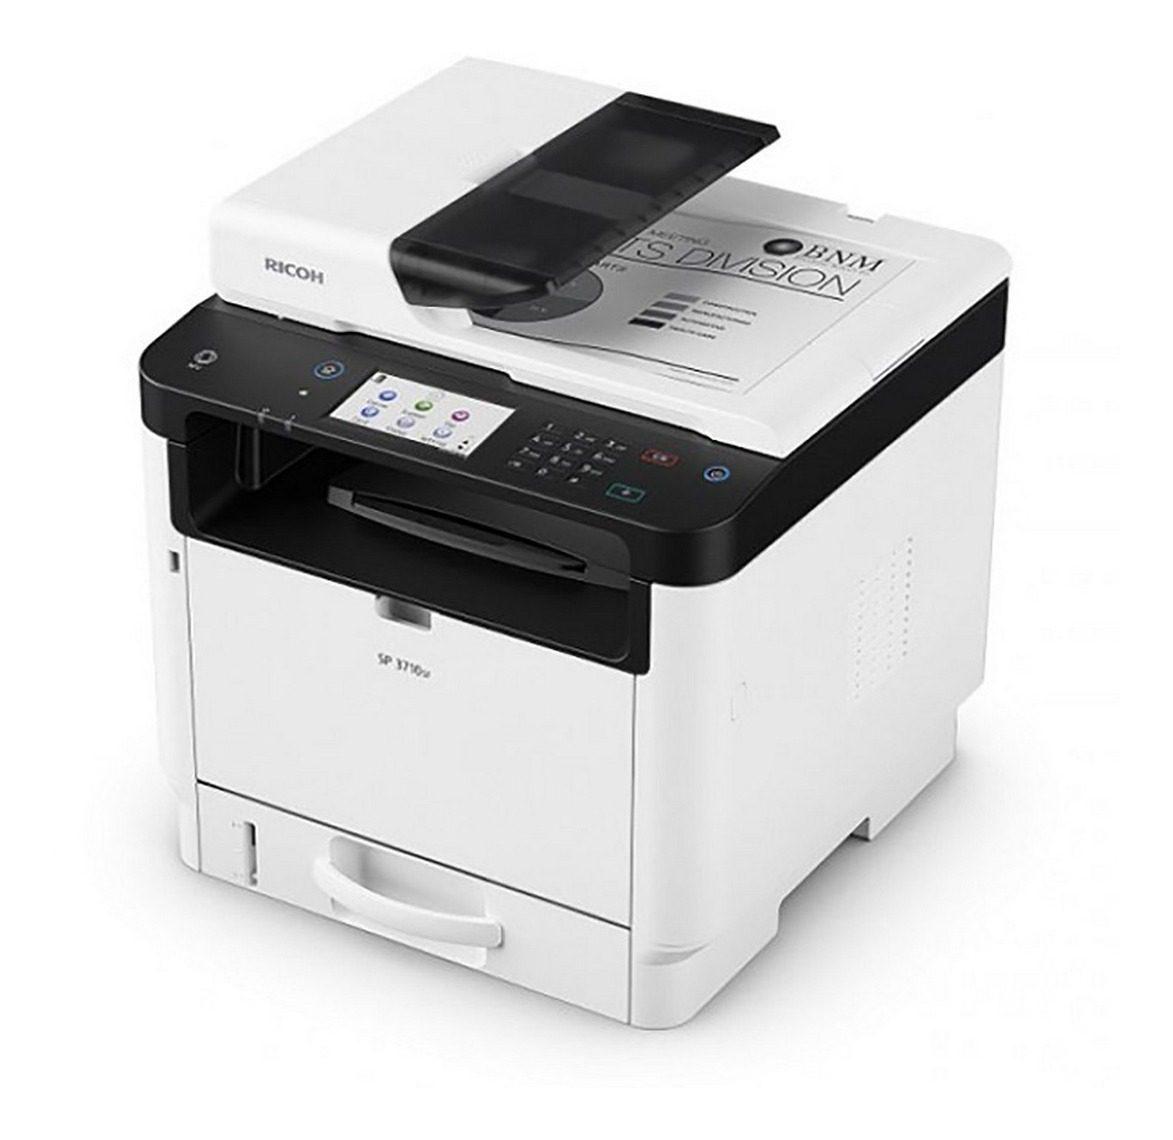 fotocopiadora-ricoh-sp-3710-sf-nueva-en-caja-D_NQ_NP_748431-MLA31097581276_062019-F